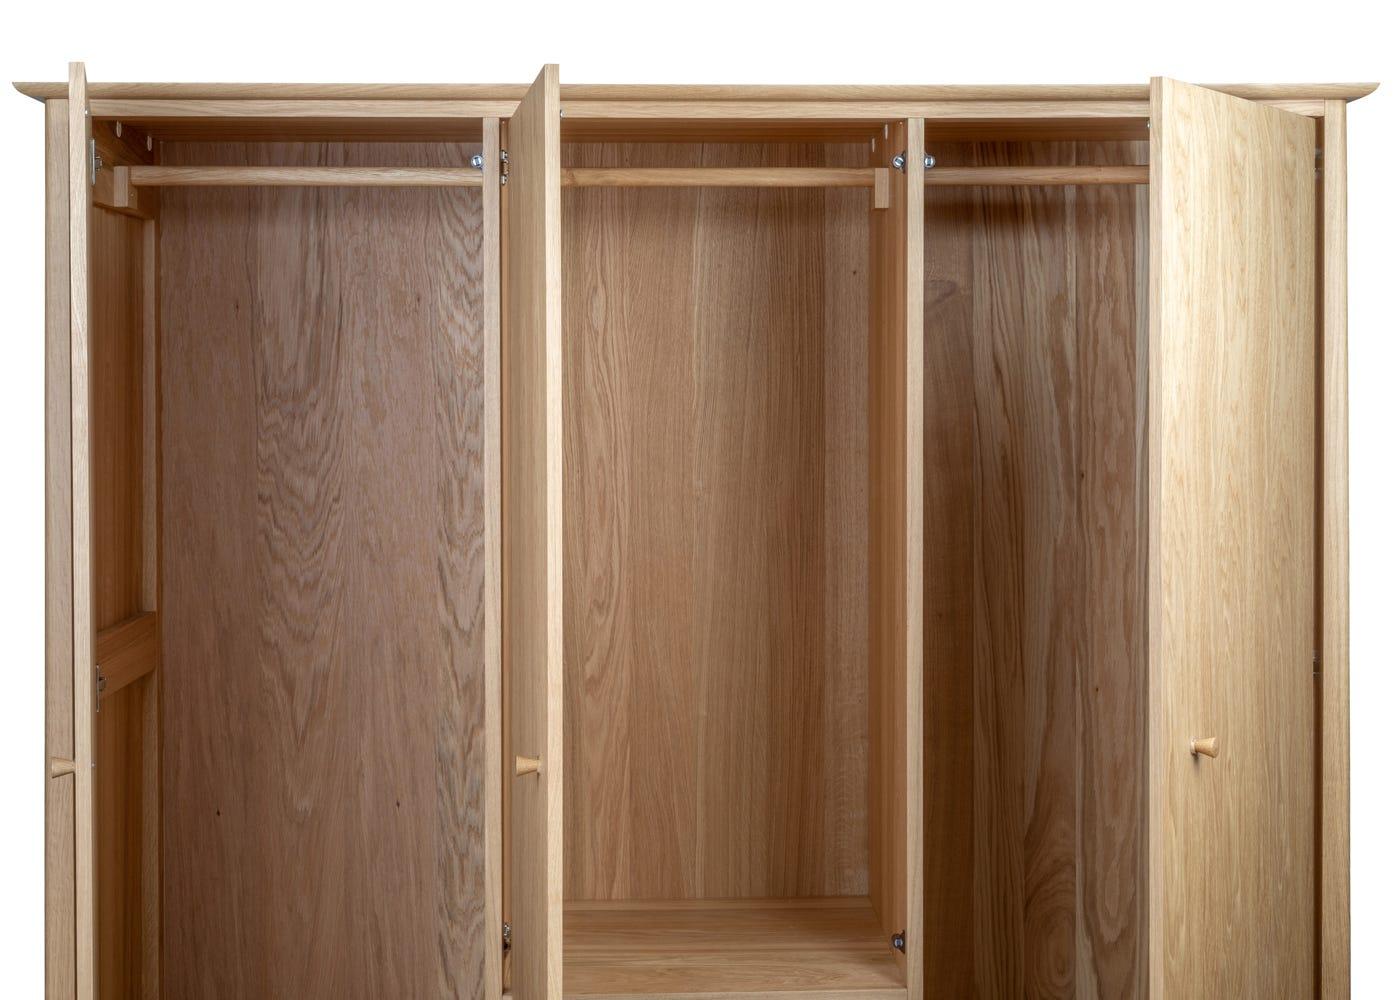 Hanging space inside the Blythe 3 door wardrobe